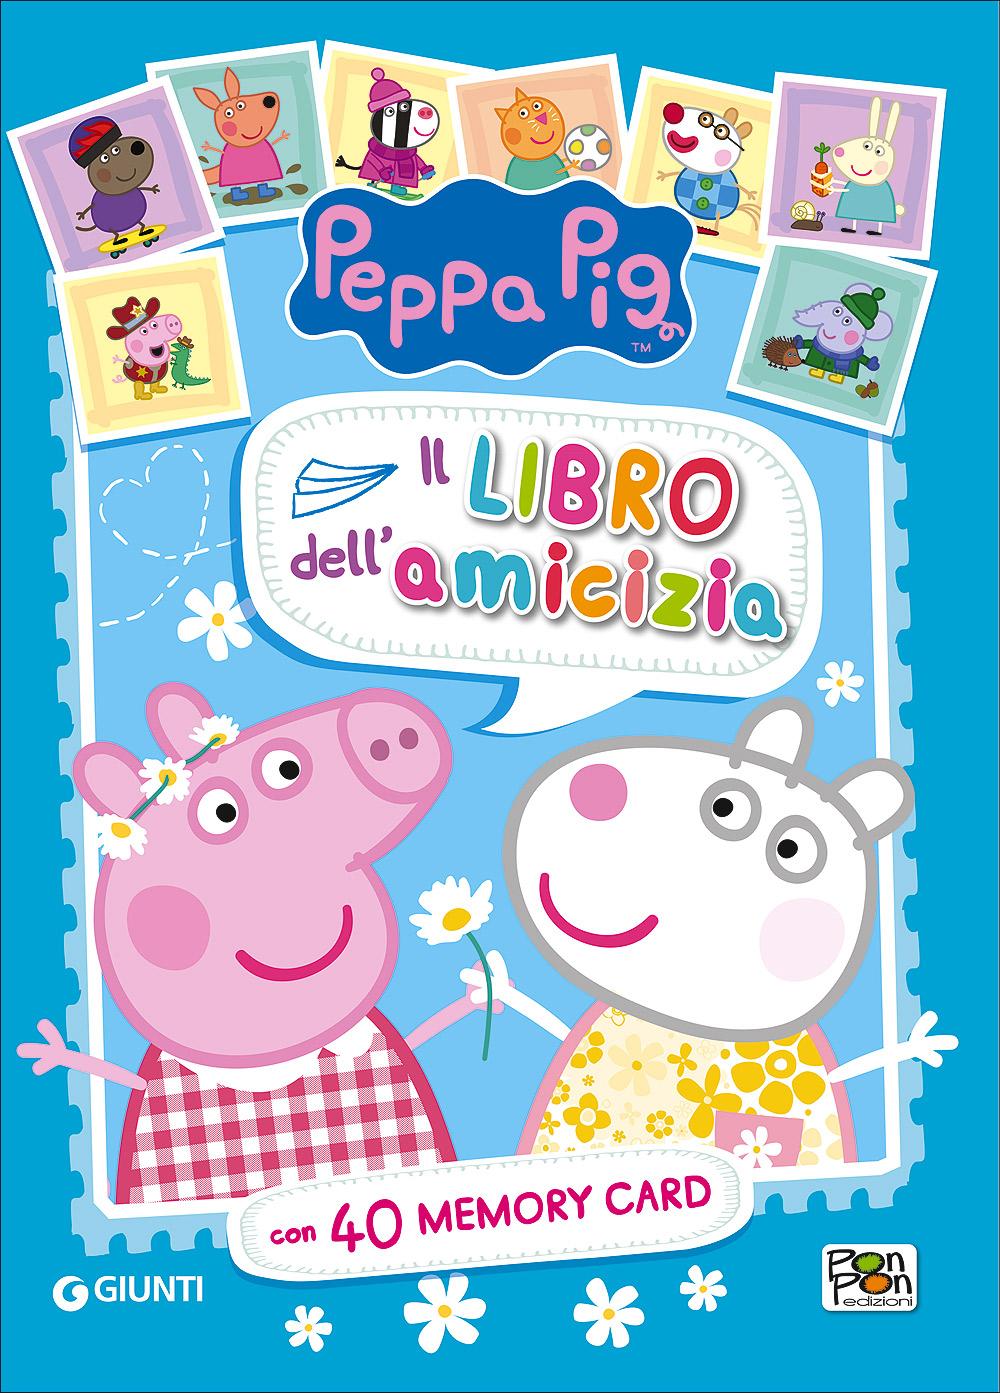 Peppa Pig - Il libro dell'amicizia